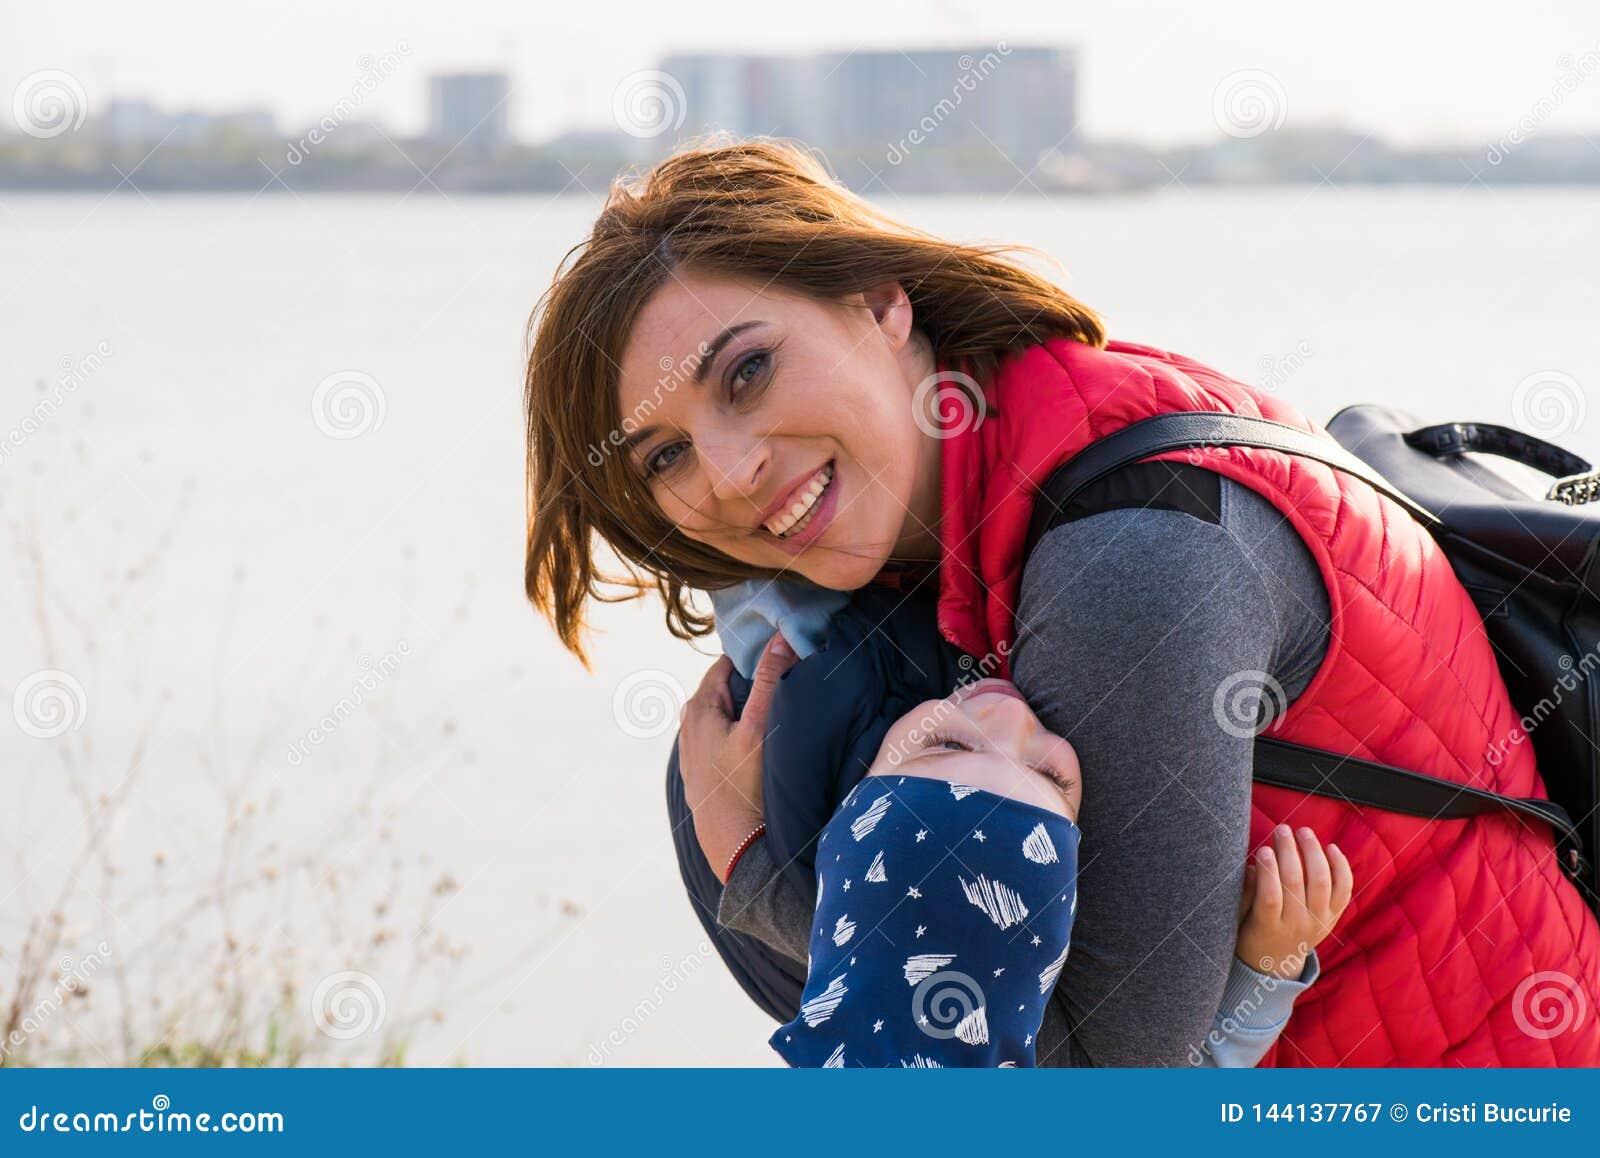 Ευτυχής αγαπώντας οικογένεια παιχνίδι μητέρων και παιδιών